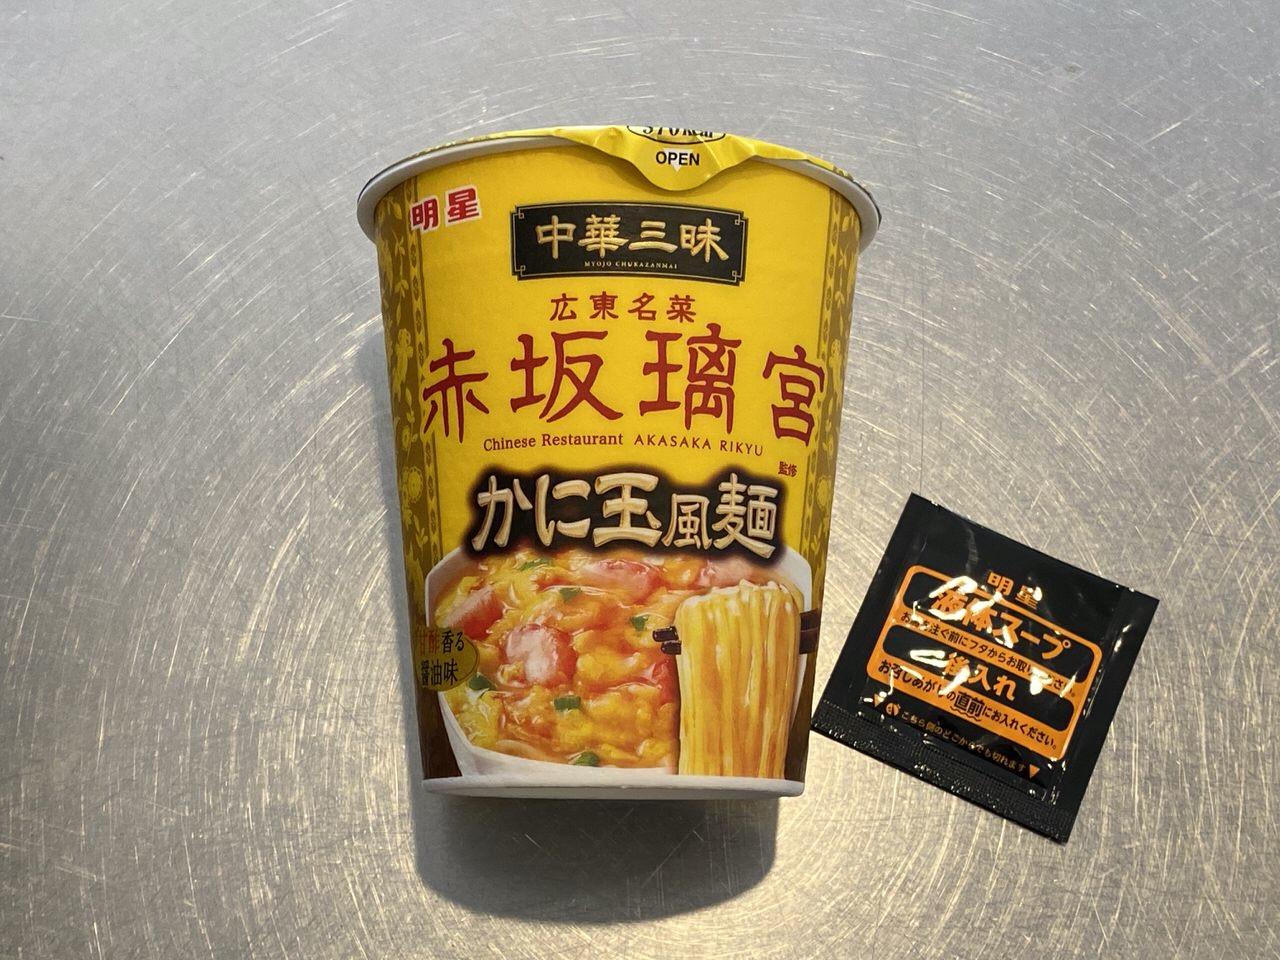 「中華三昧 赤坂璃宮 かに玉風麺」玉子ふわふわで穏やかな味わい